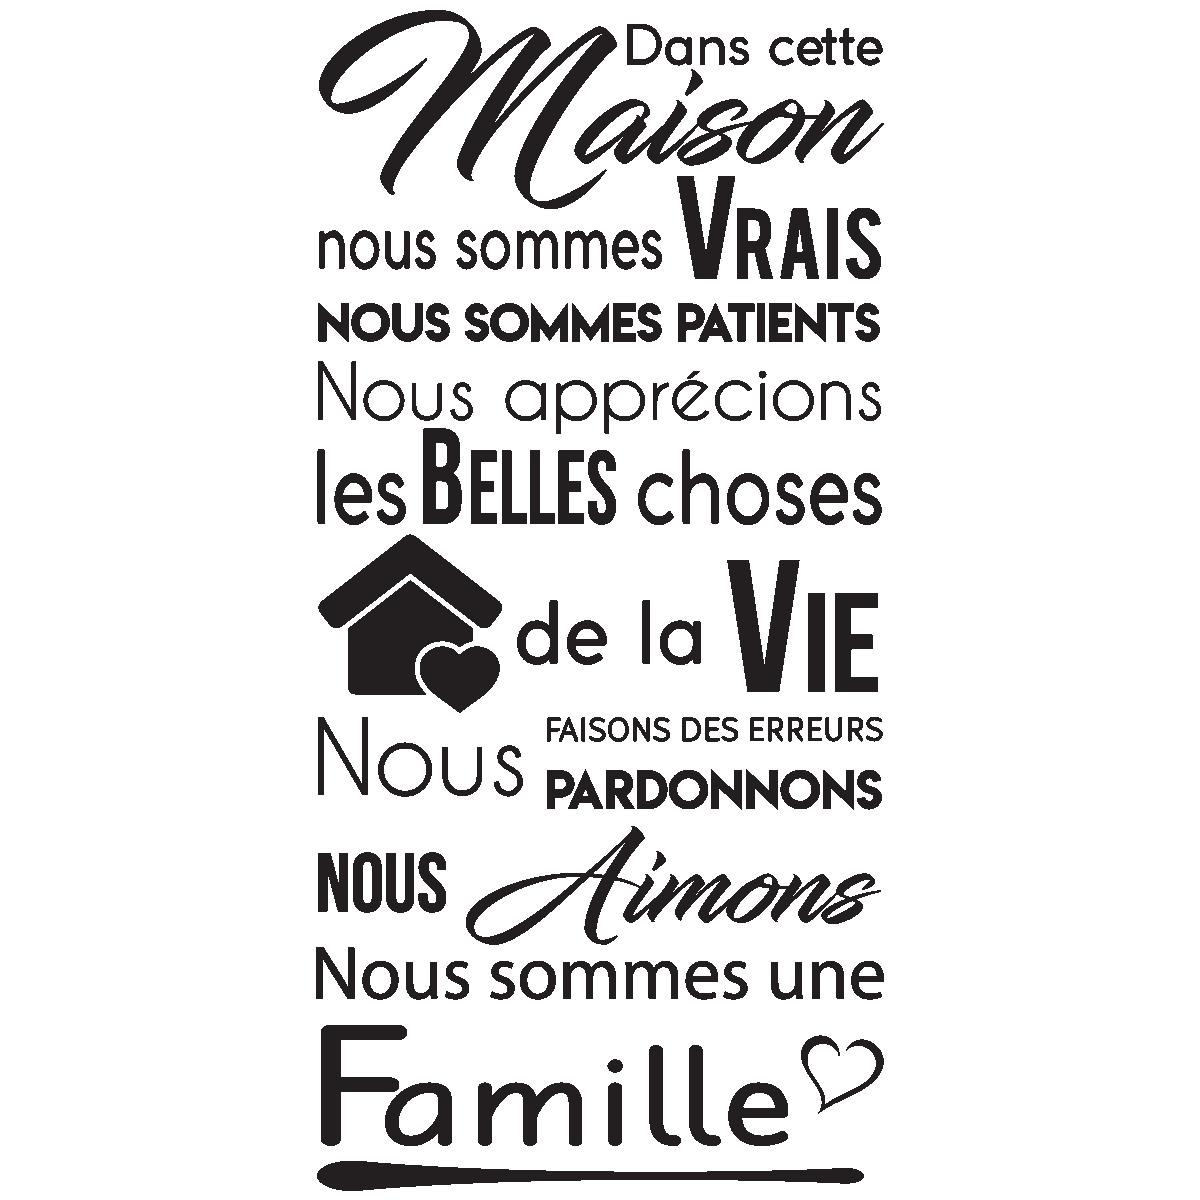 sticker citation dans cette maison nous sommes une famille stickers citations fran ais. Black Bedroom Furniture Sets. Home Design Ideas